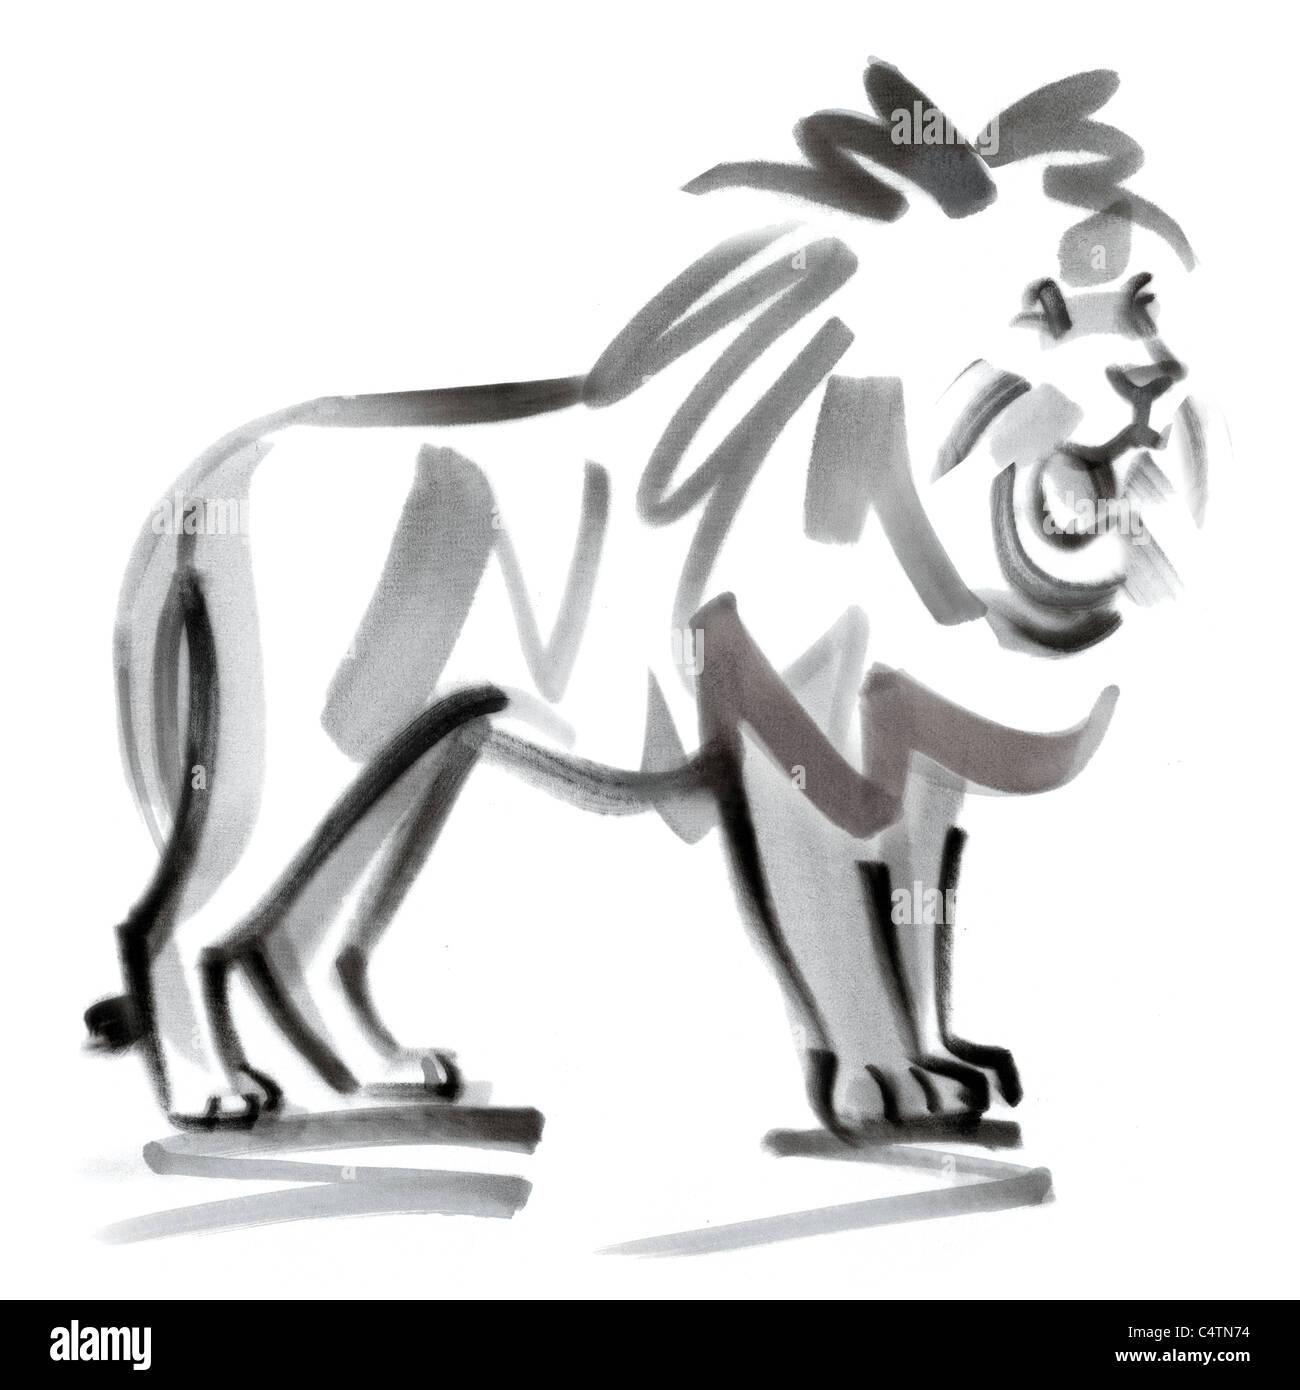 Leo astrological sign, illustration - Stock Image